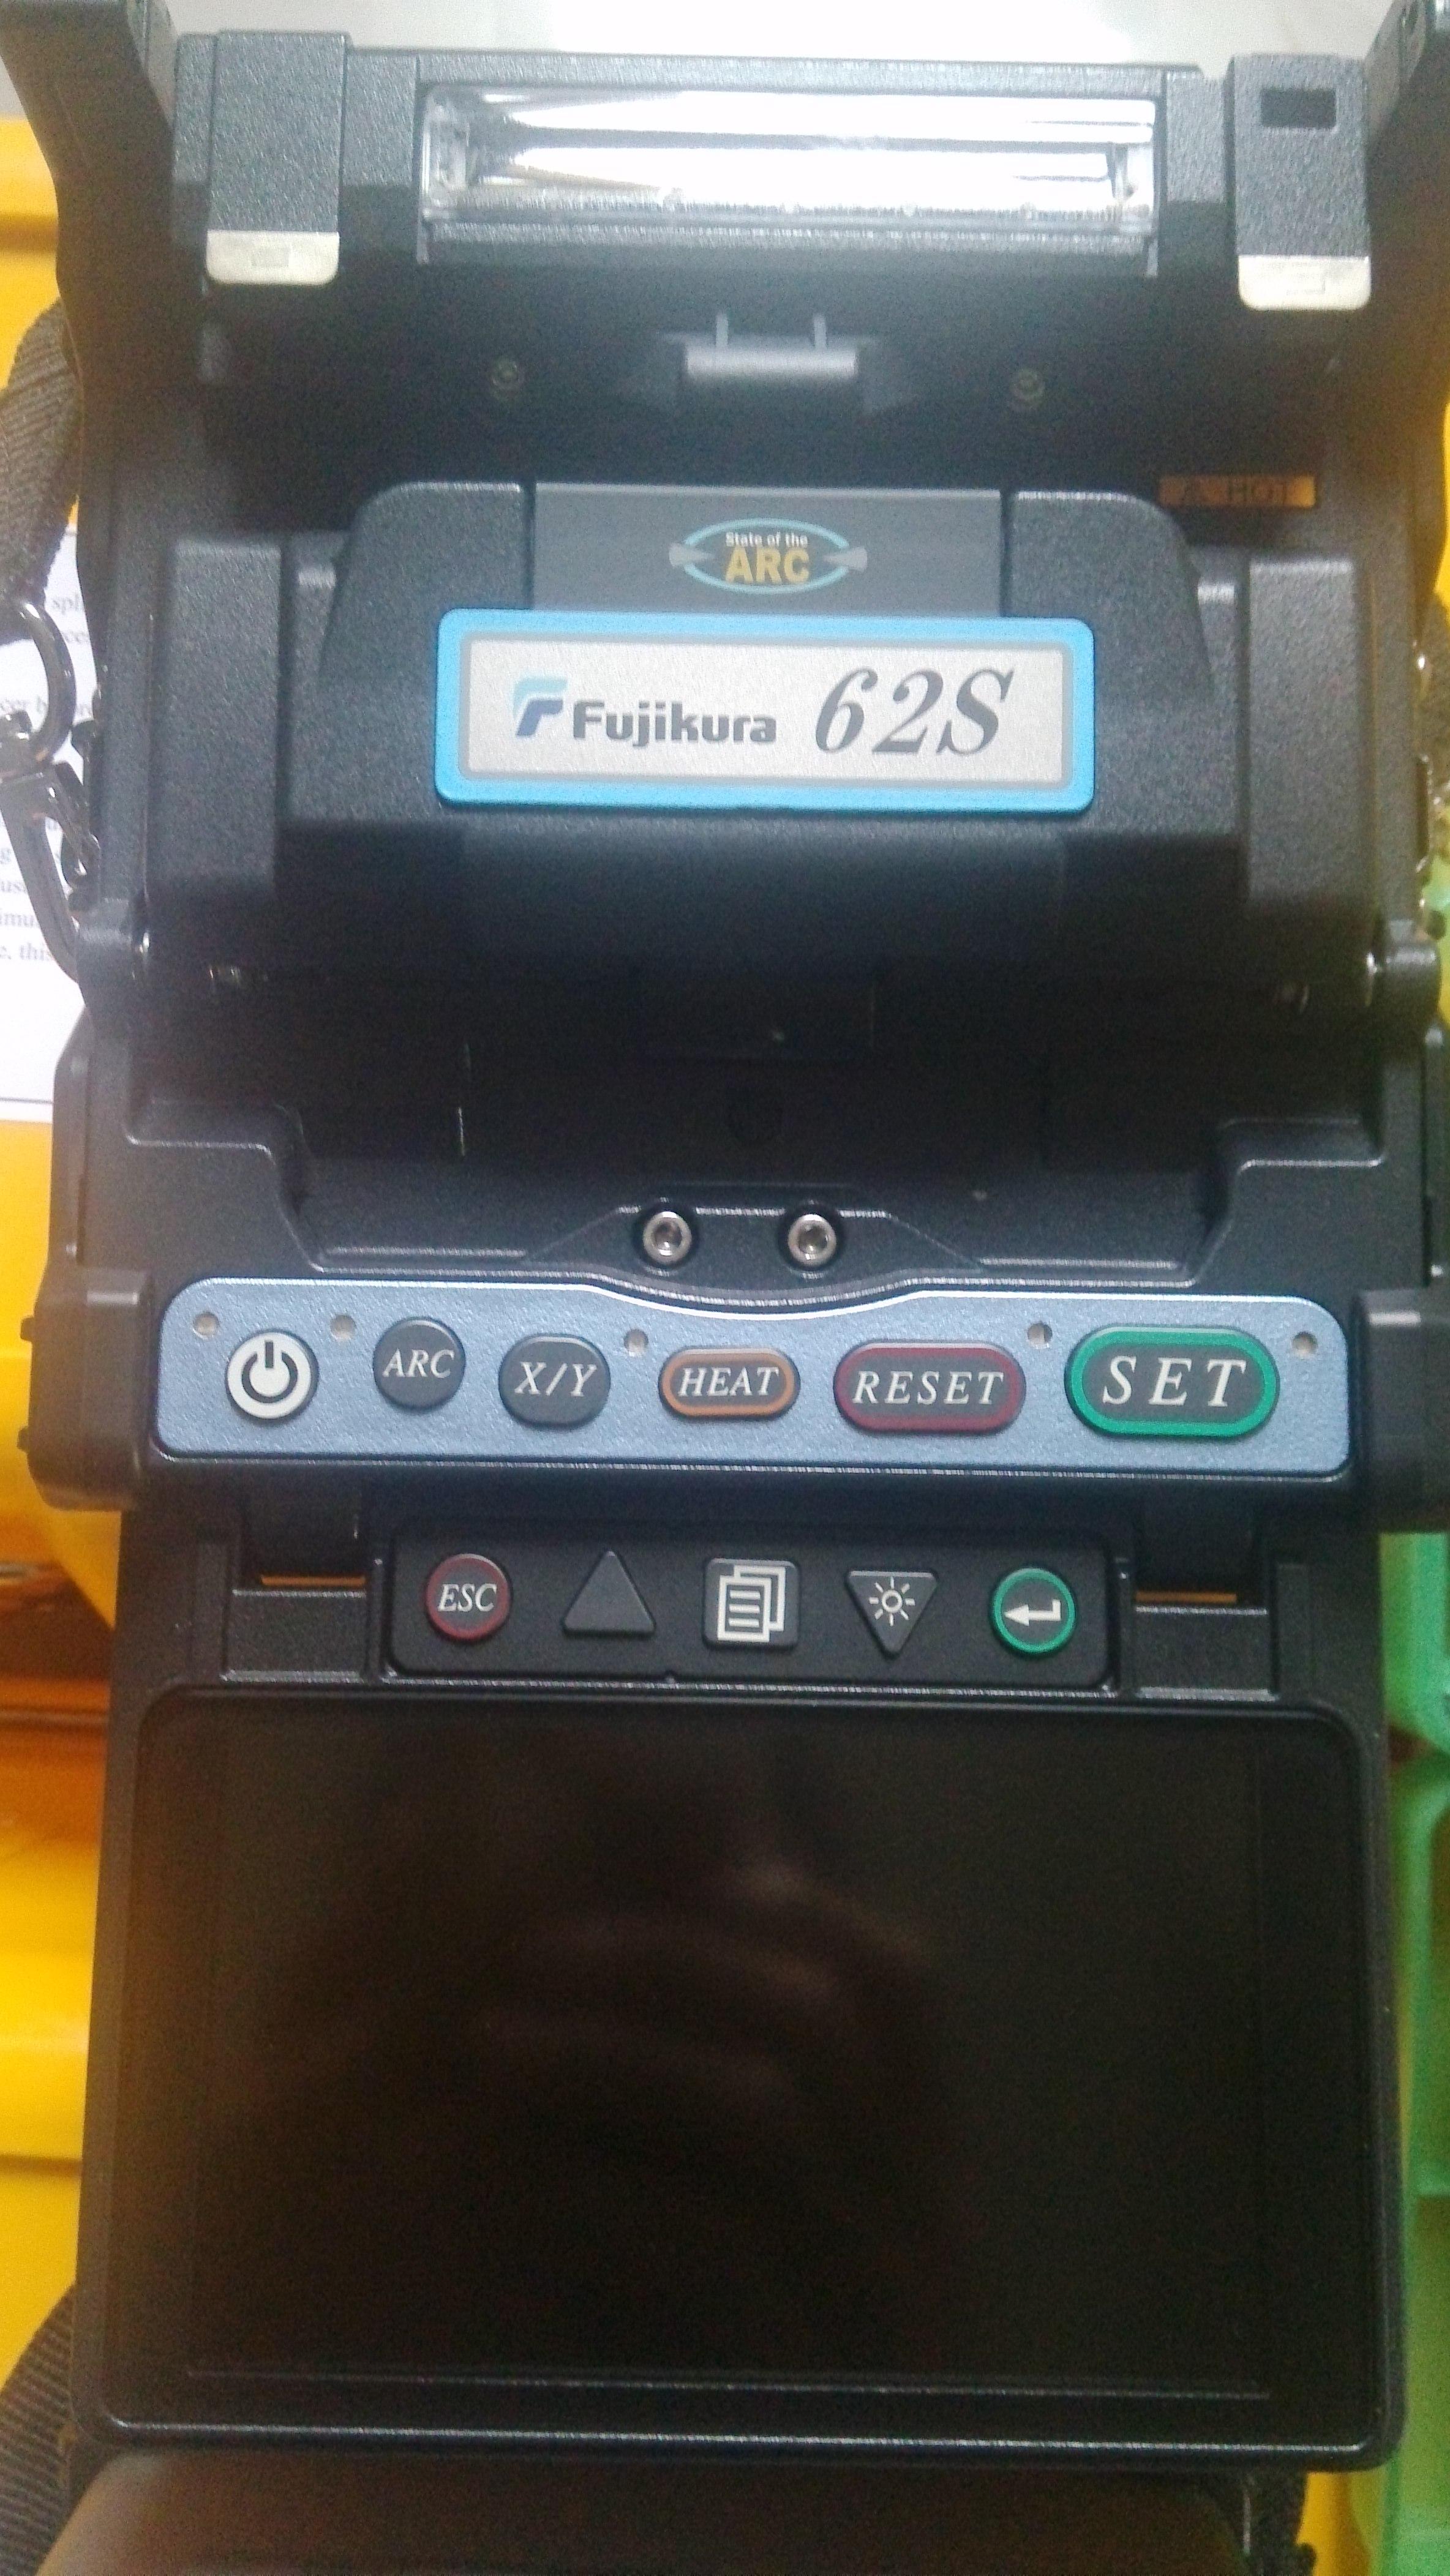 供应用于光纤熔接|光缆抢修|光纤入户的宜昌藤仓61s光纤熔接机